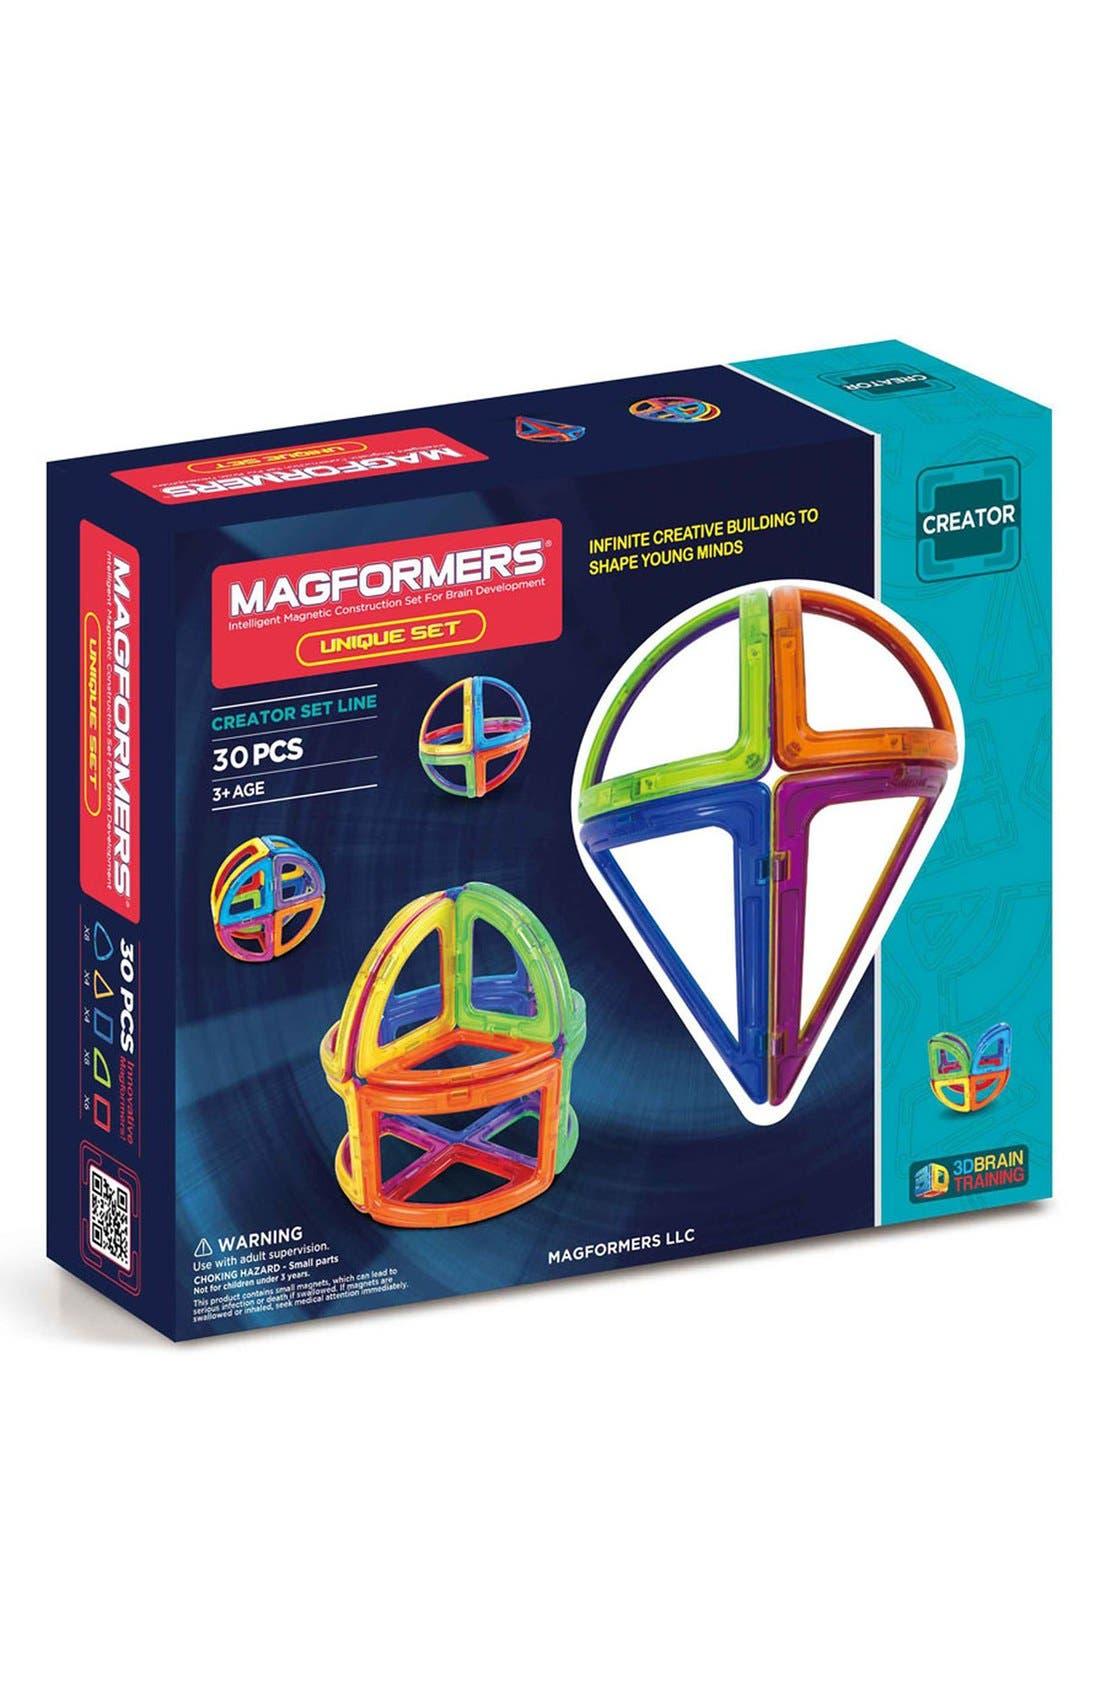 MAGFORMERS 'Creator - Unique' Magnetic 3D Construction Set